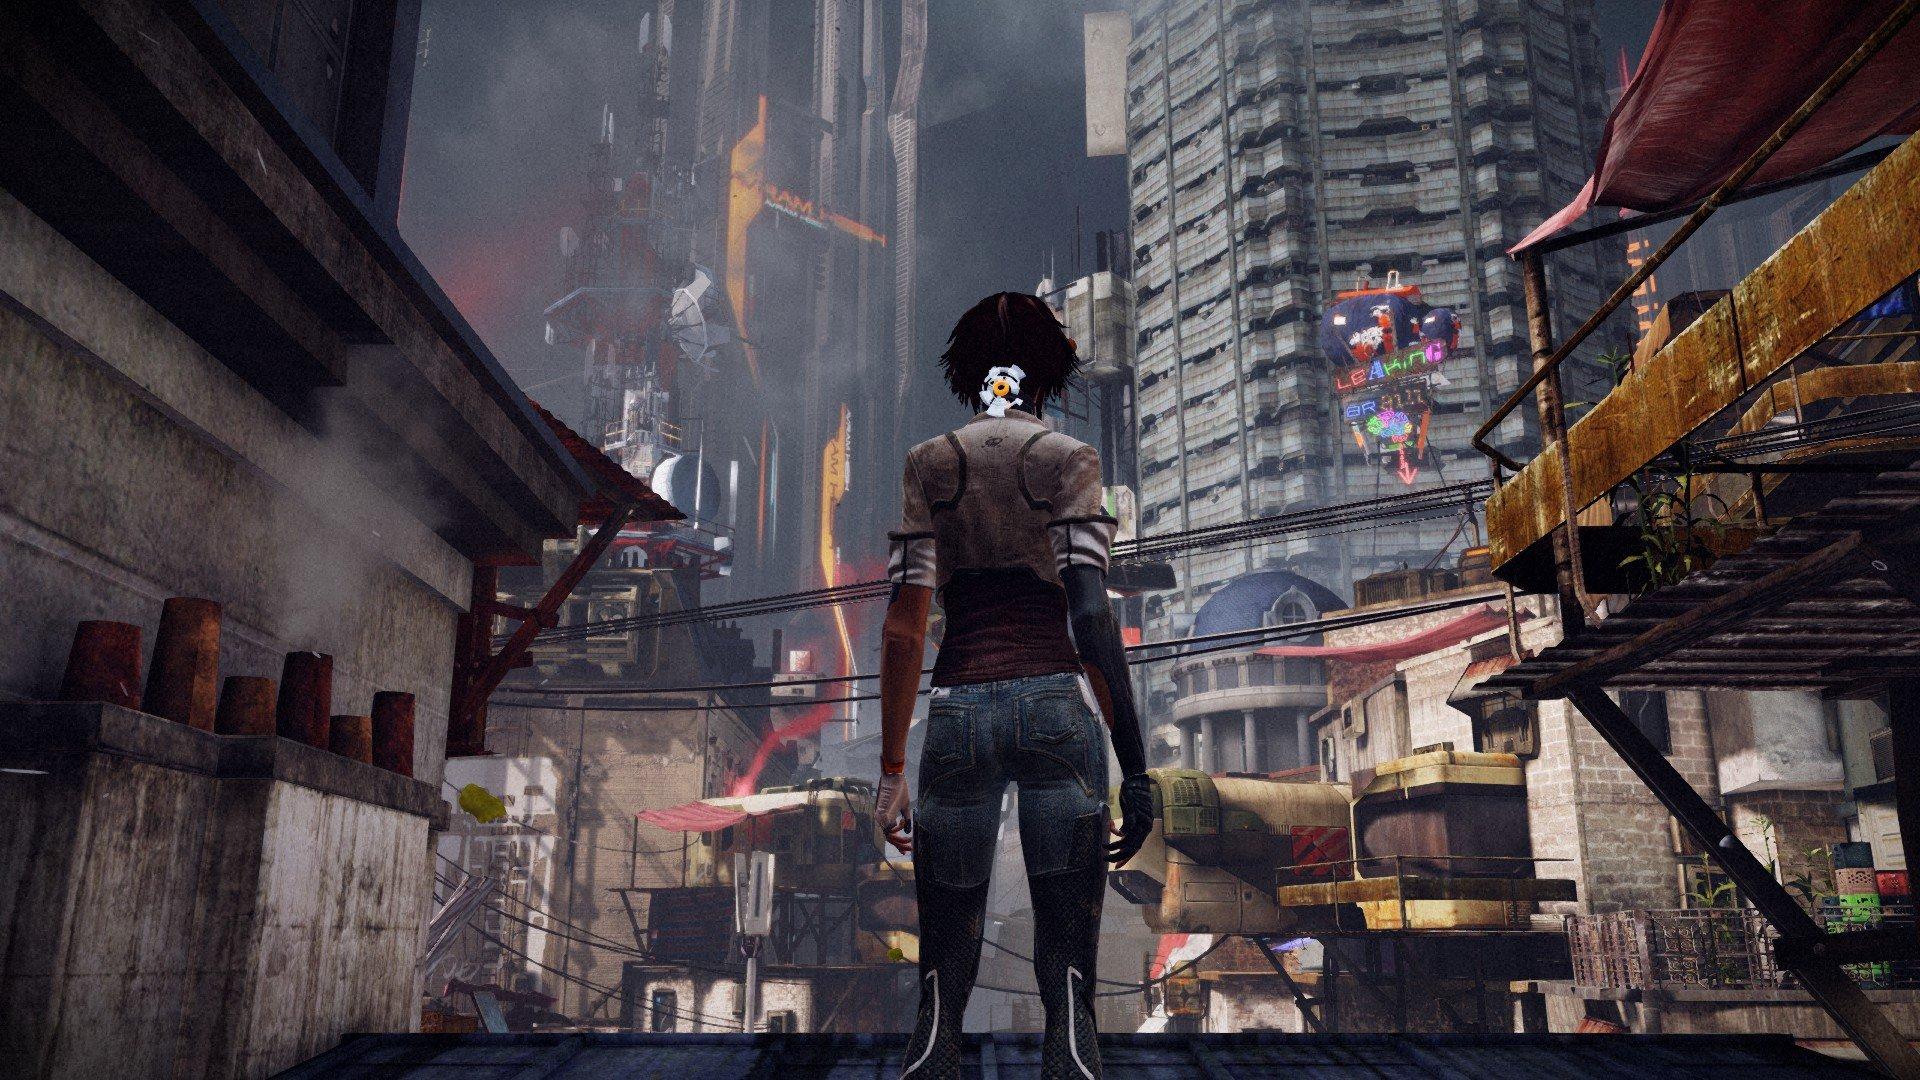 The slums of Neo-Paris